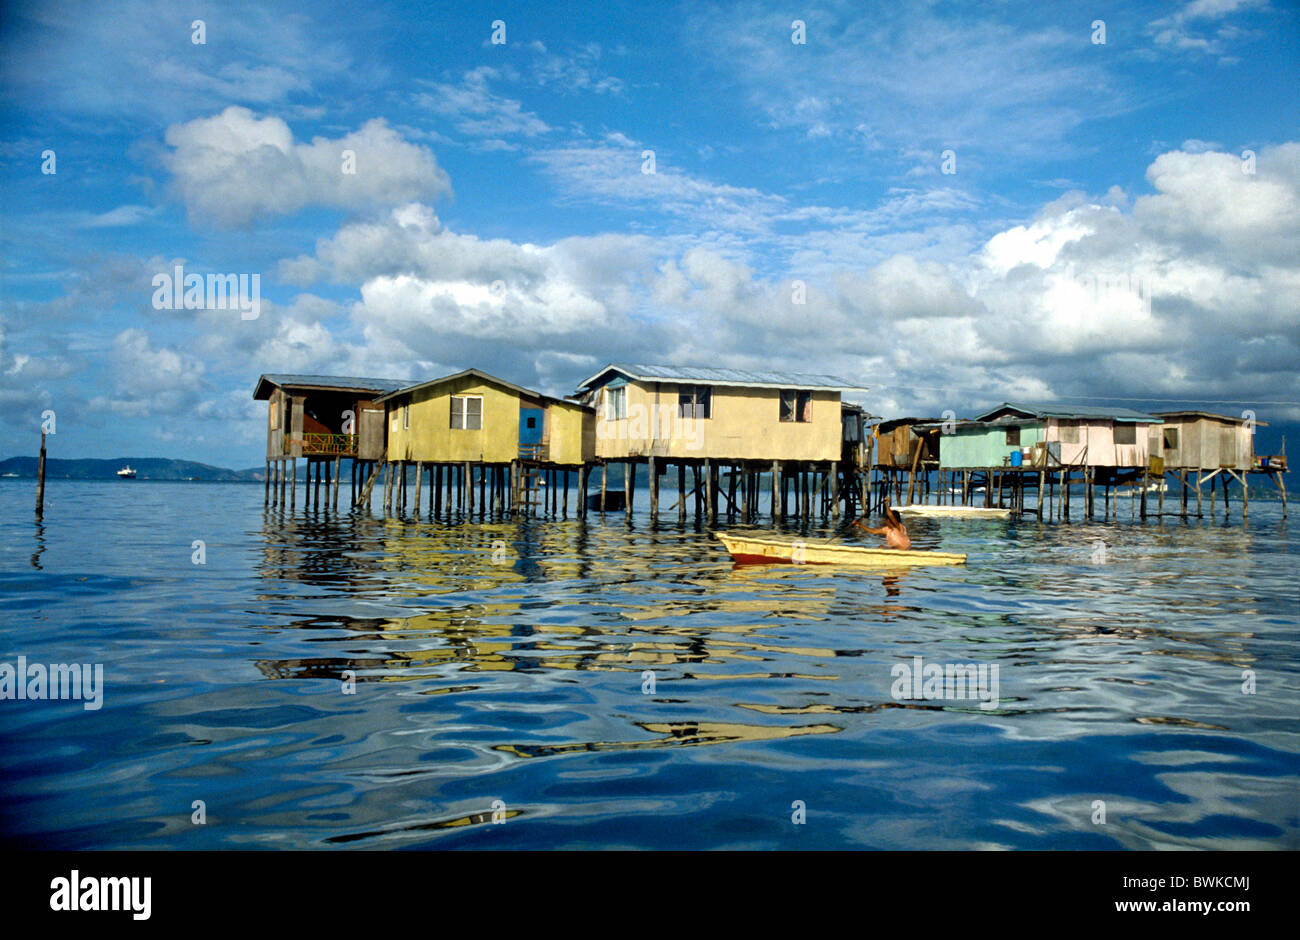 Malaysia Asia Borneo Sabah Mengkabong Water Village